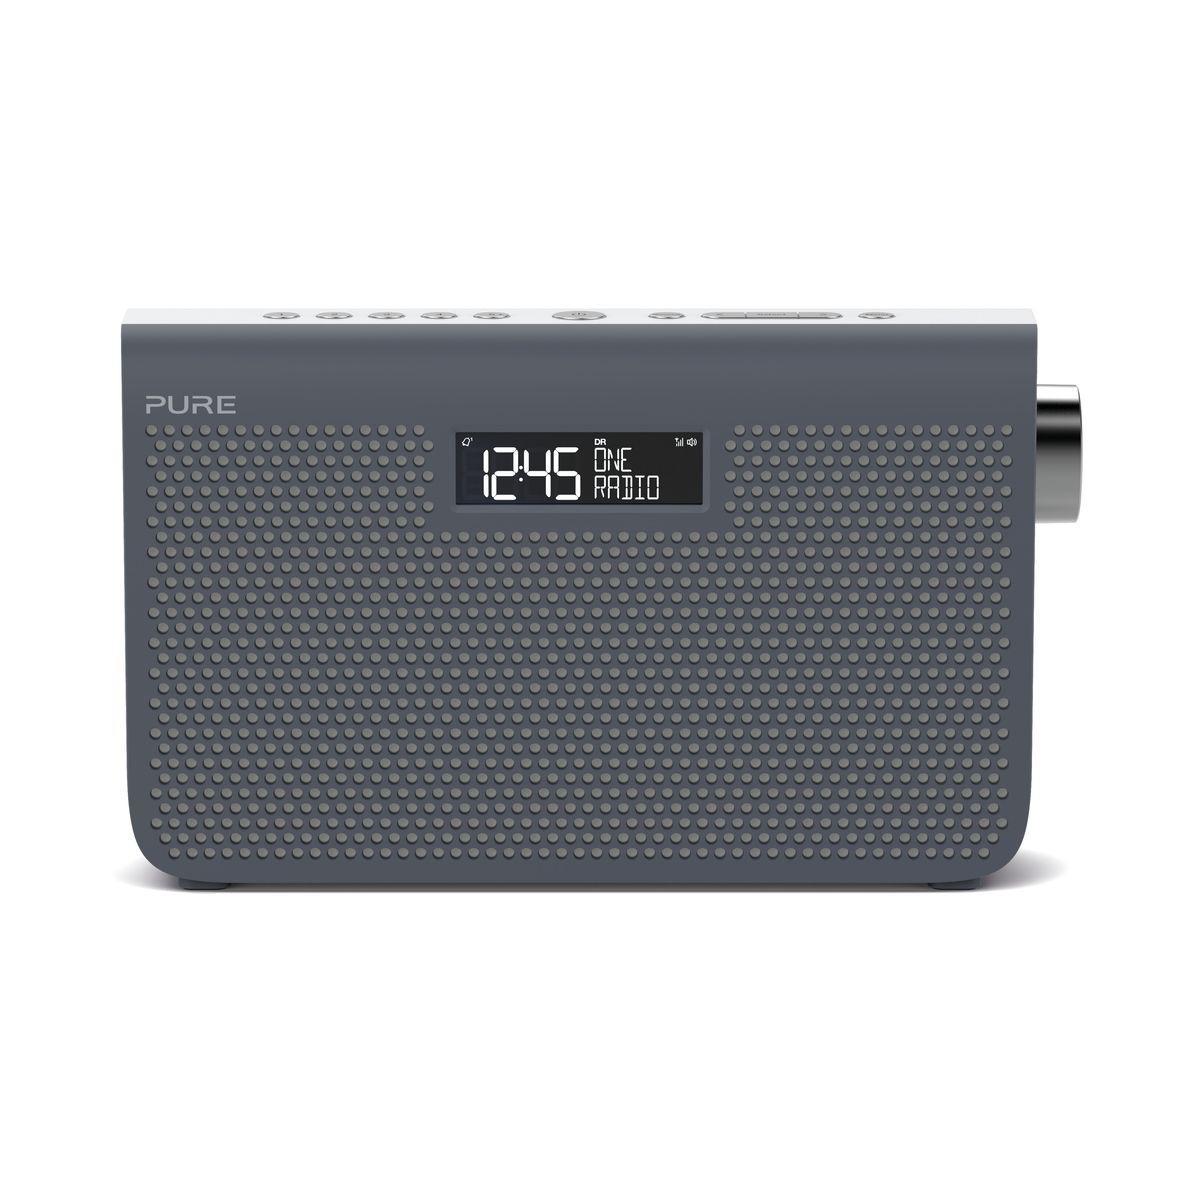 Radio num�rique pure one maxi, s3s marine - livraison offerte : code premium